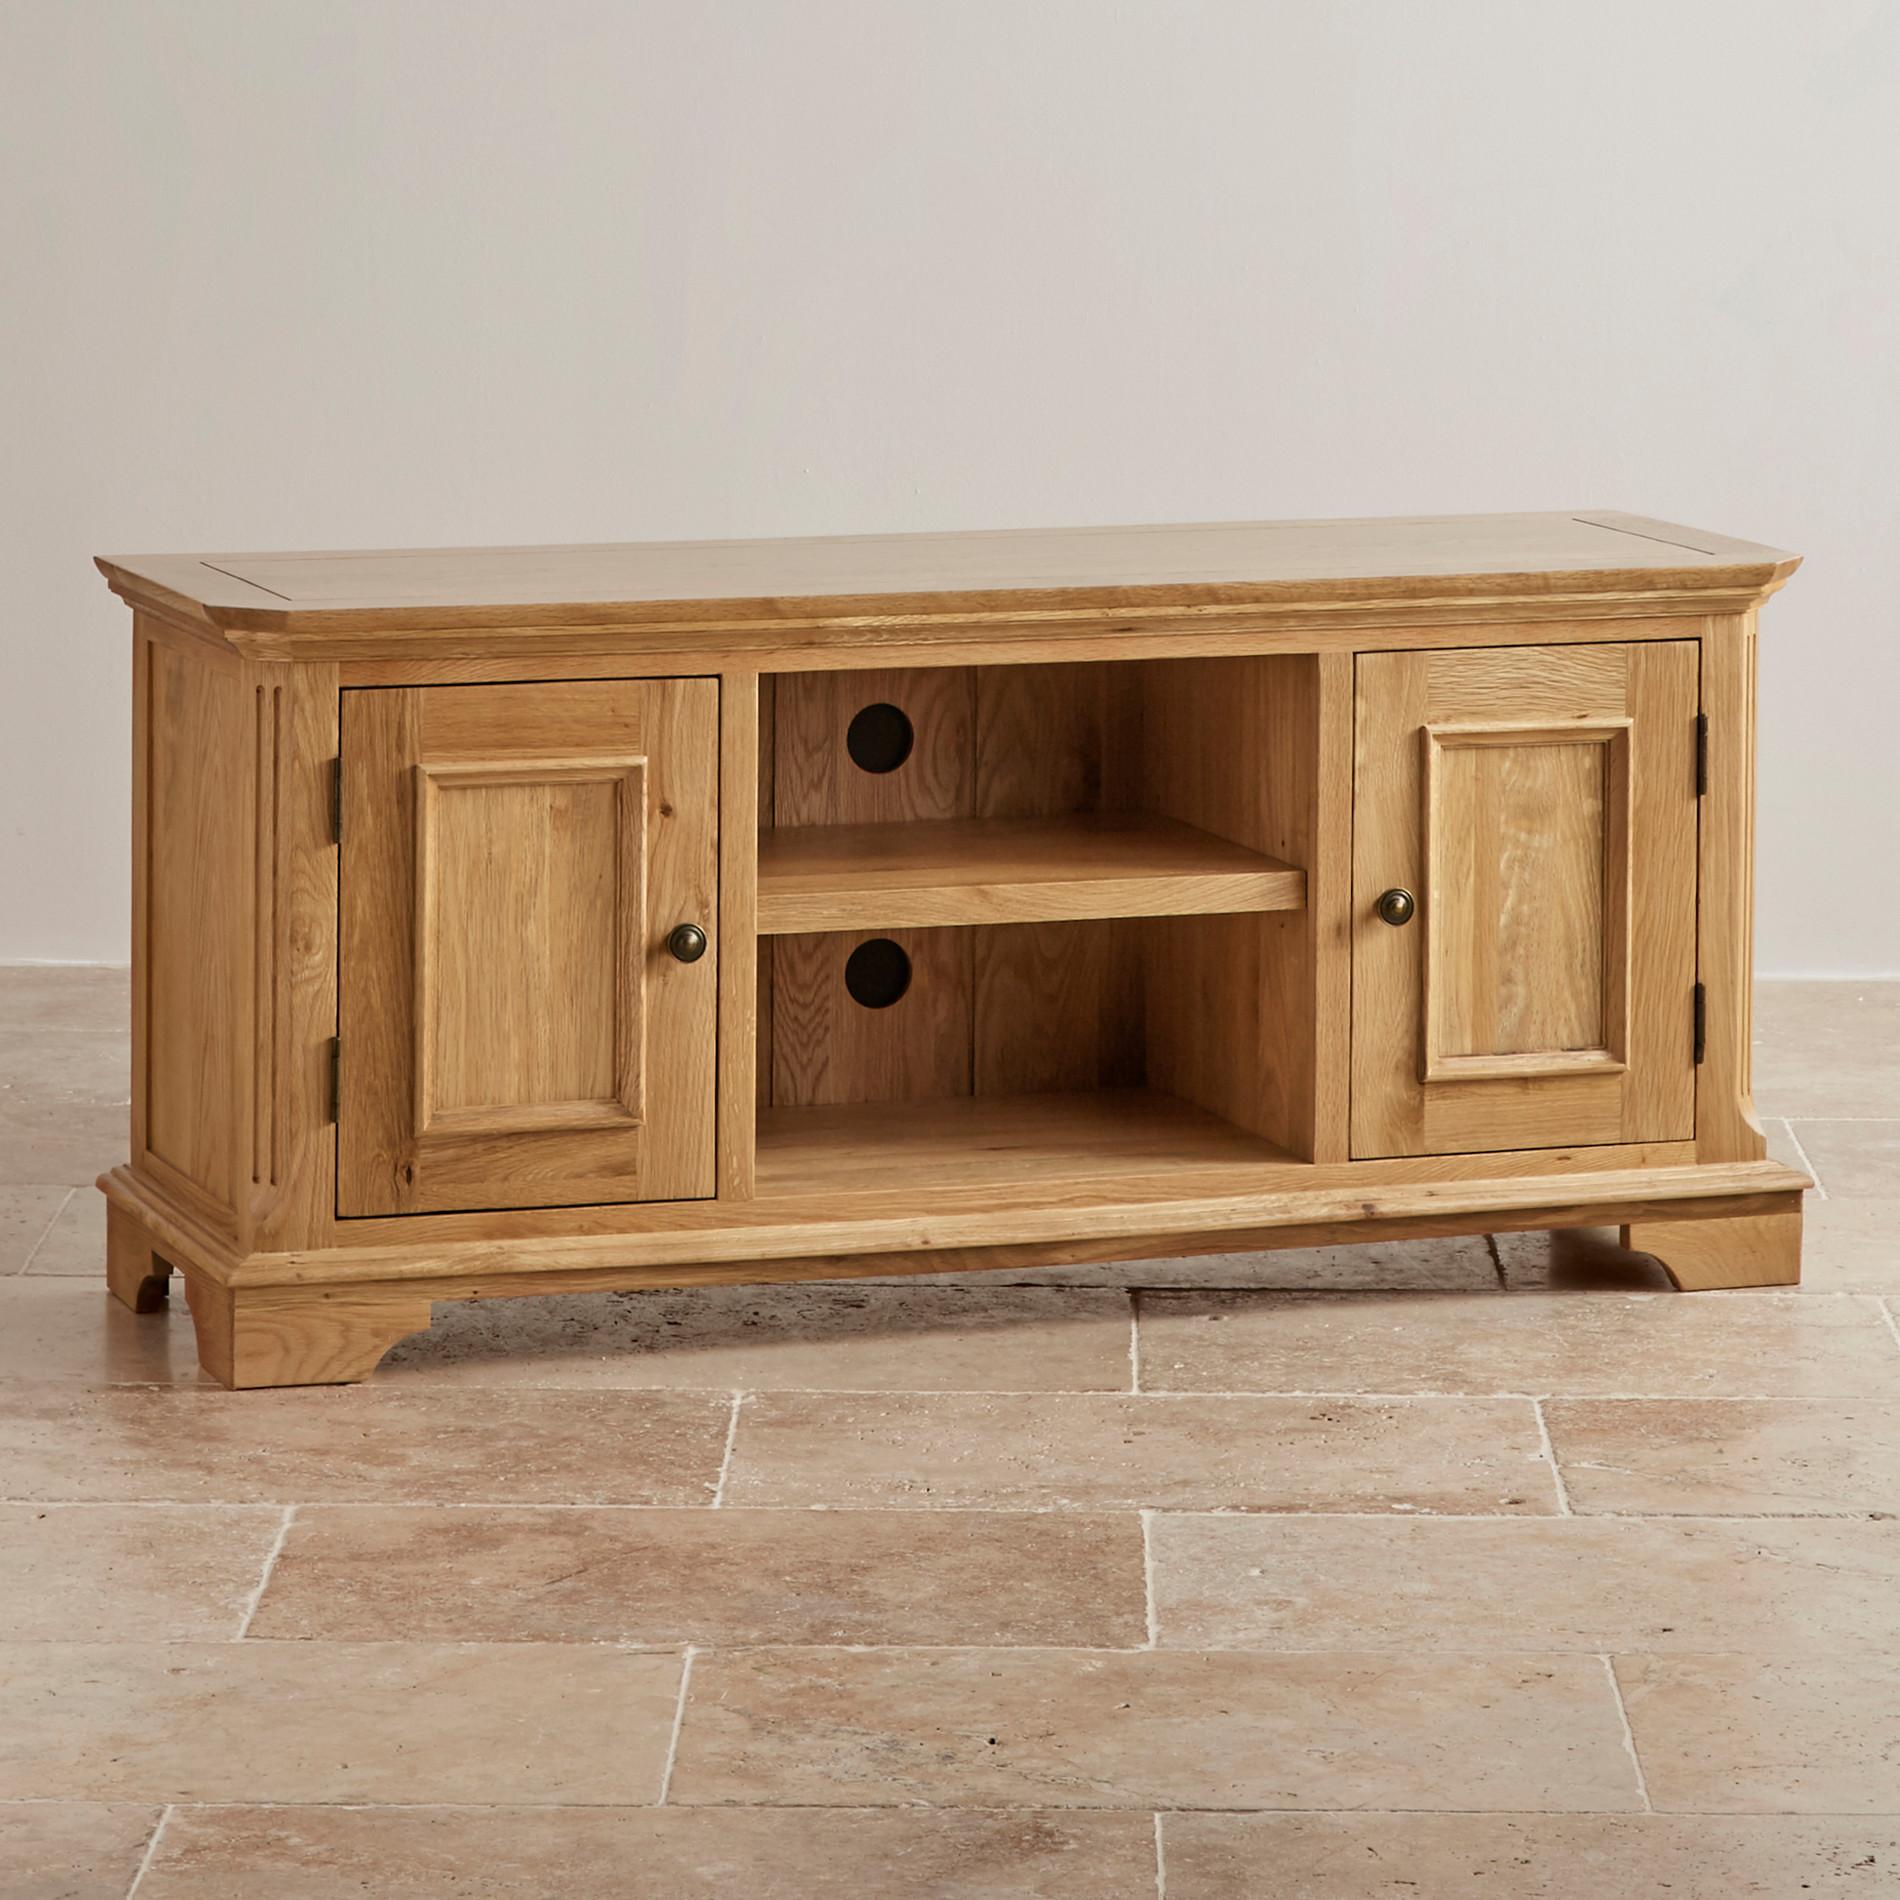 Solid wood tv cabinet with display cabinet living room furniture - Edinburgh Natural Solid Oak Large Tv Cabinet